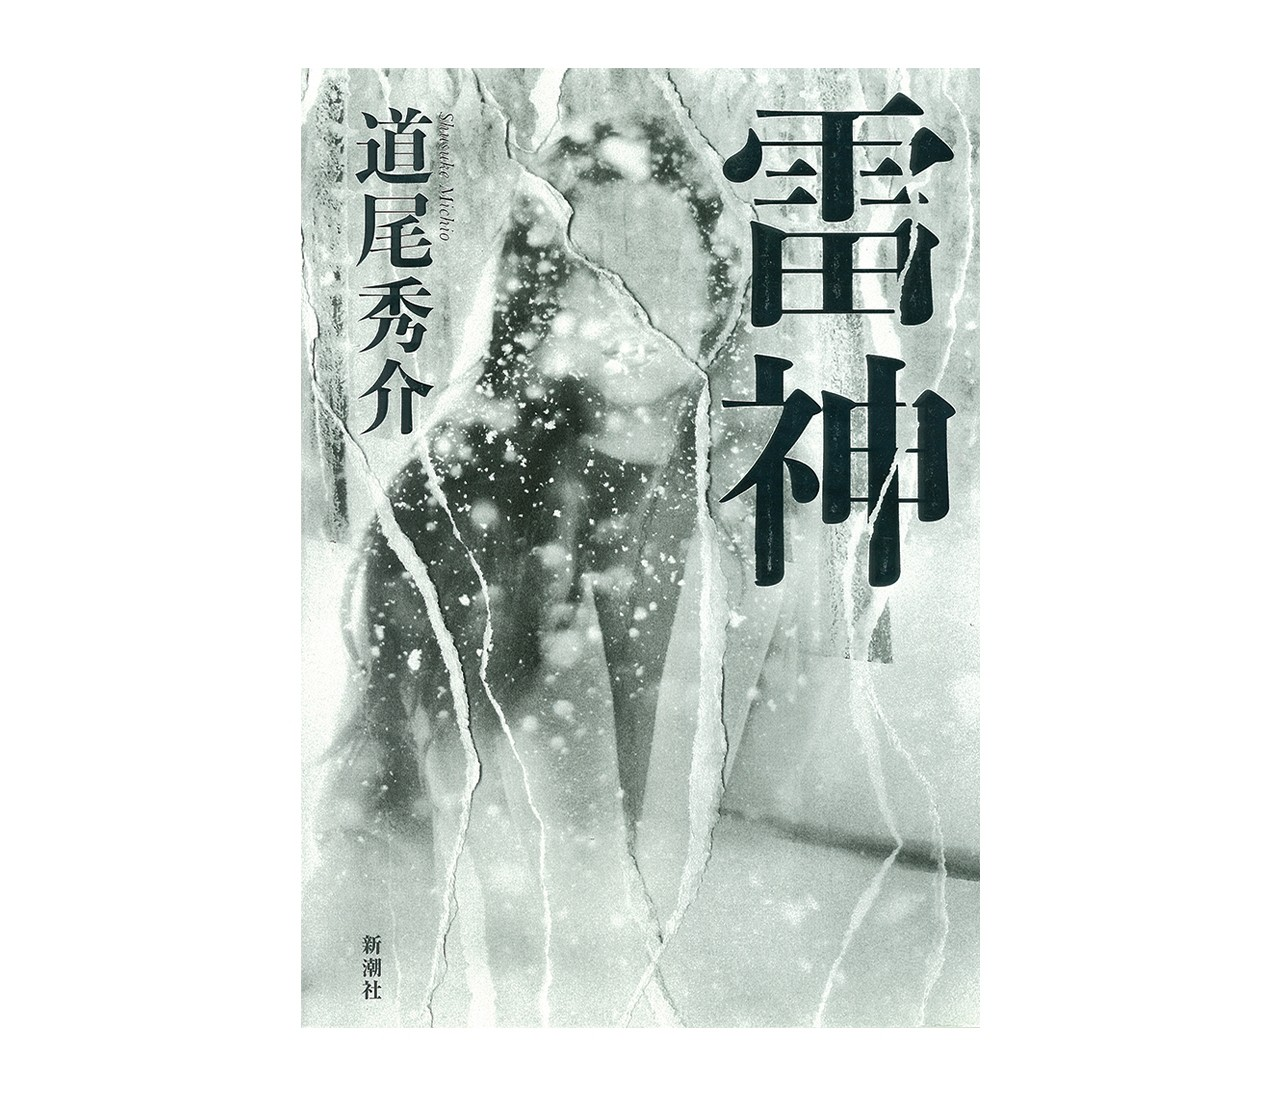 道尾秀介、会心の長編ミステリ『雷神』をレビュー【30代におすすめの本】